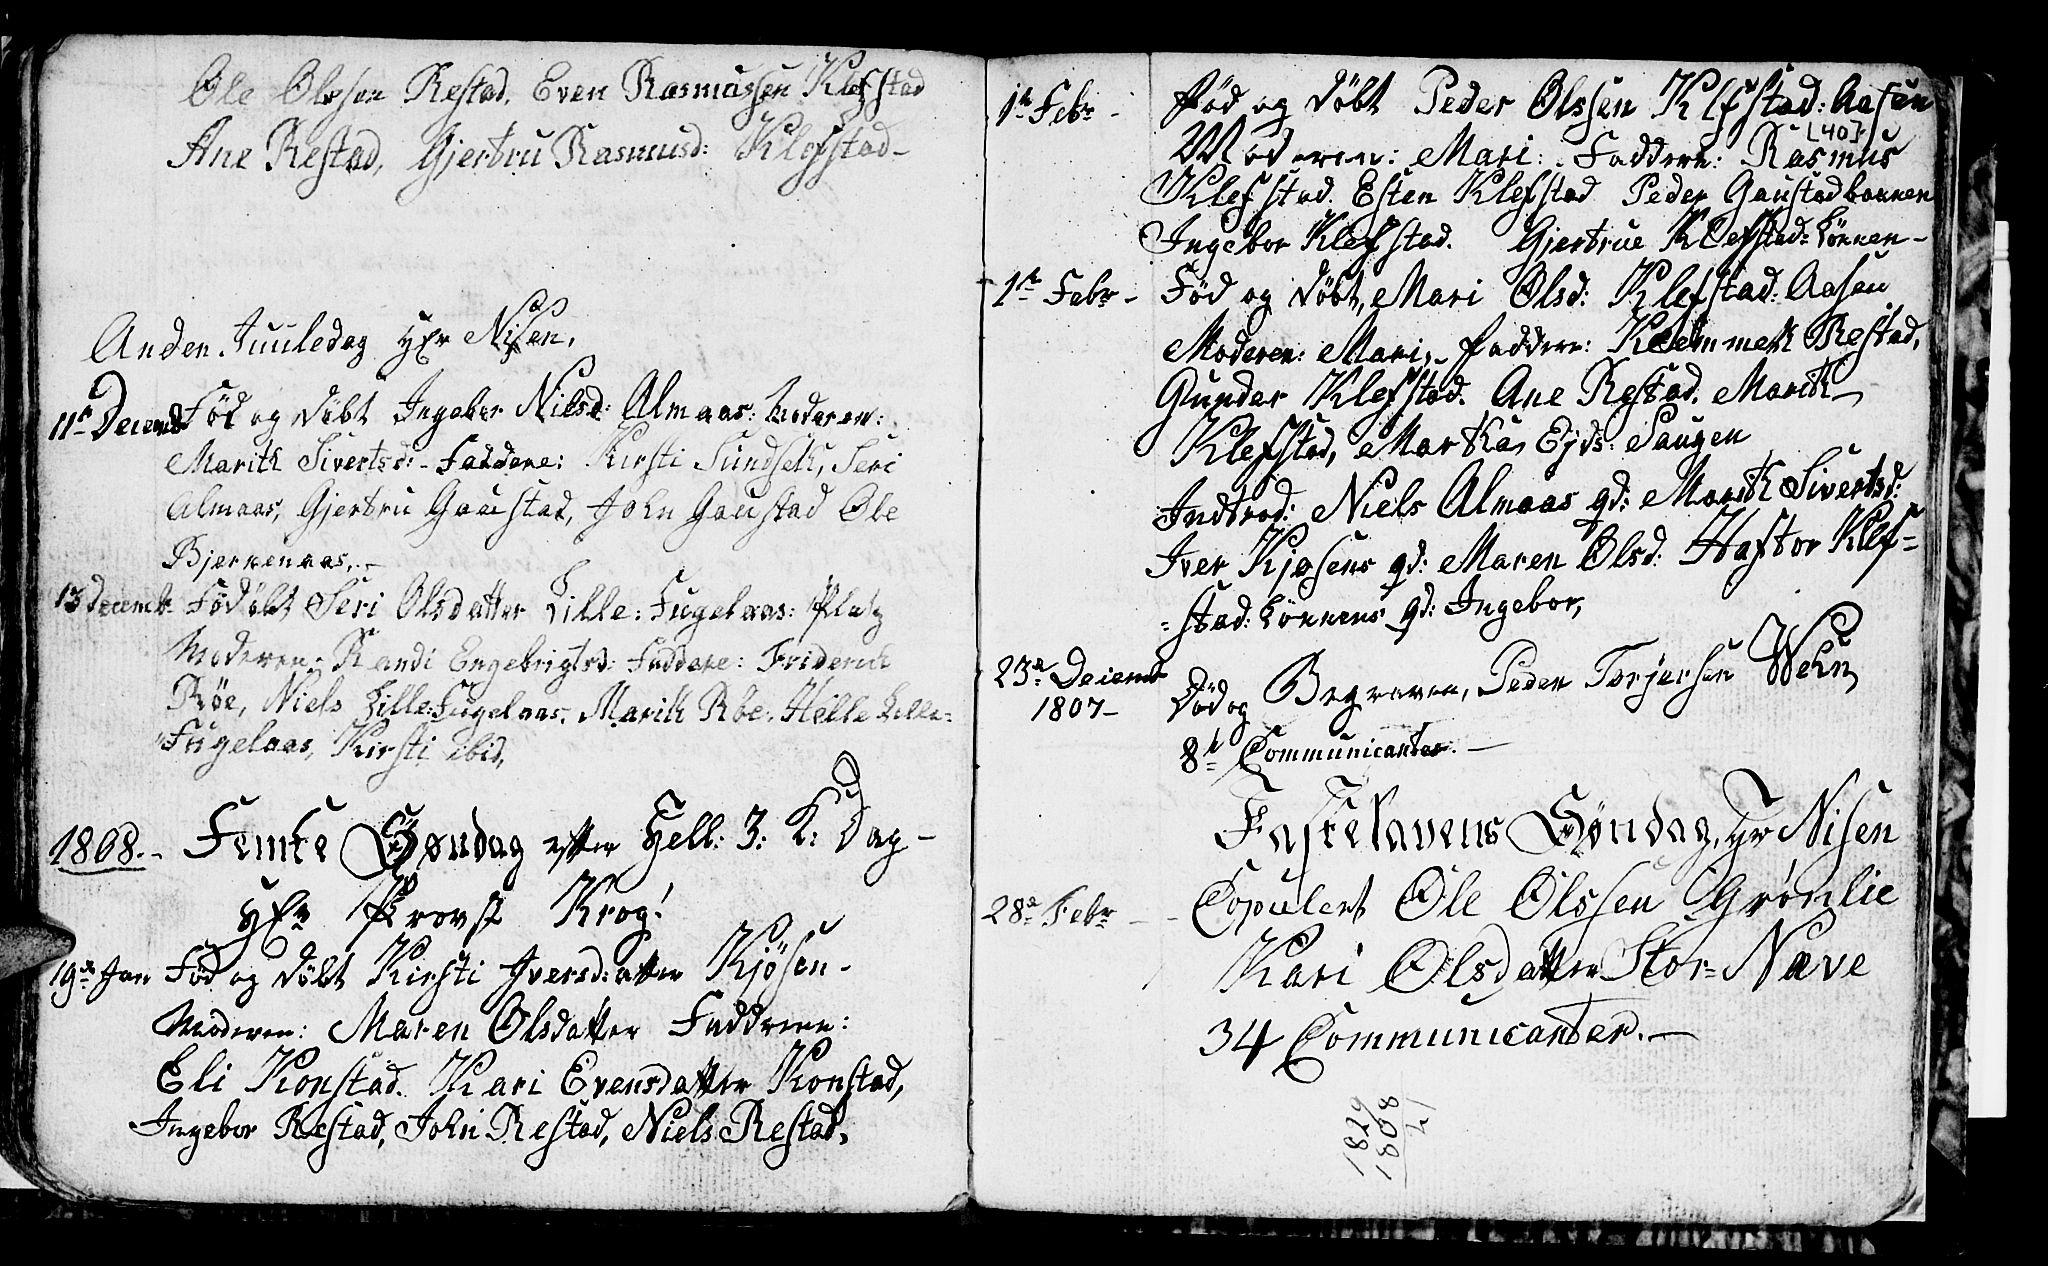 SAT, Ministerialprotokoller, klokkerbøker og fødselsregistre - Sør-Trøndelag, 694/L1129: Klokkerbok nr. 694C01, 1793-1815, s. 40b